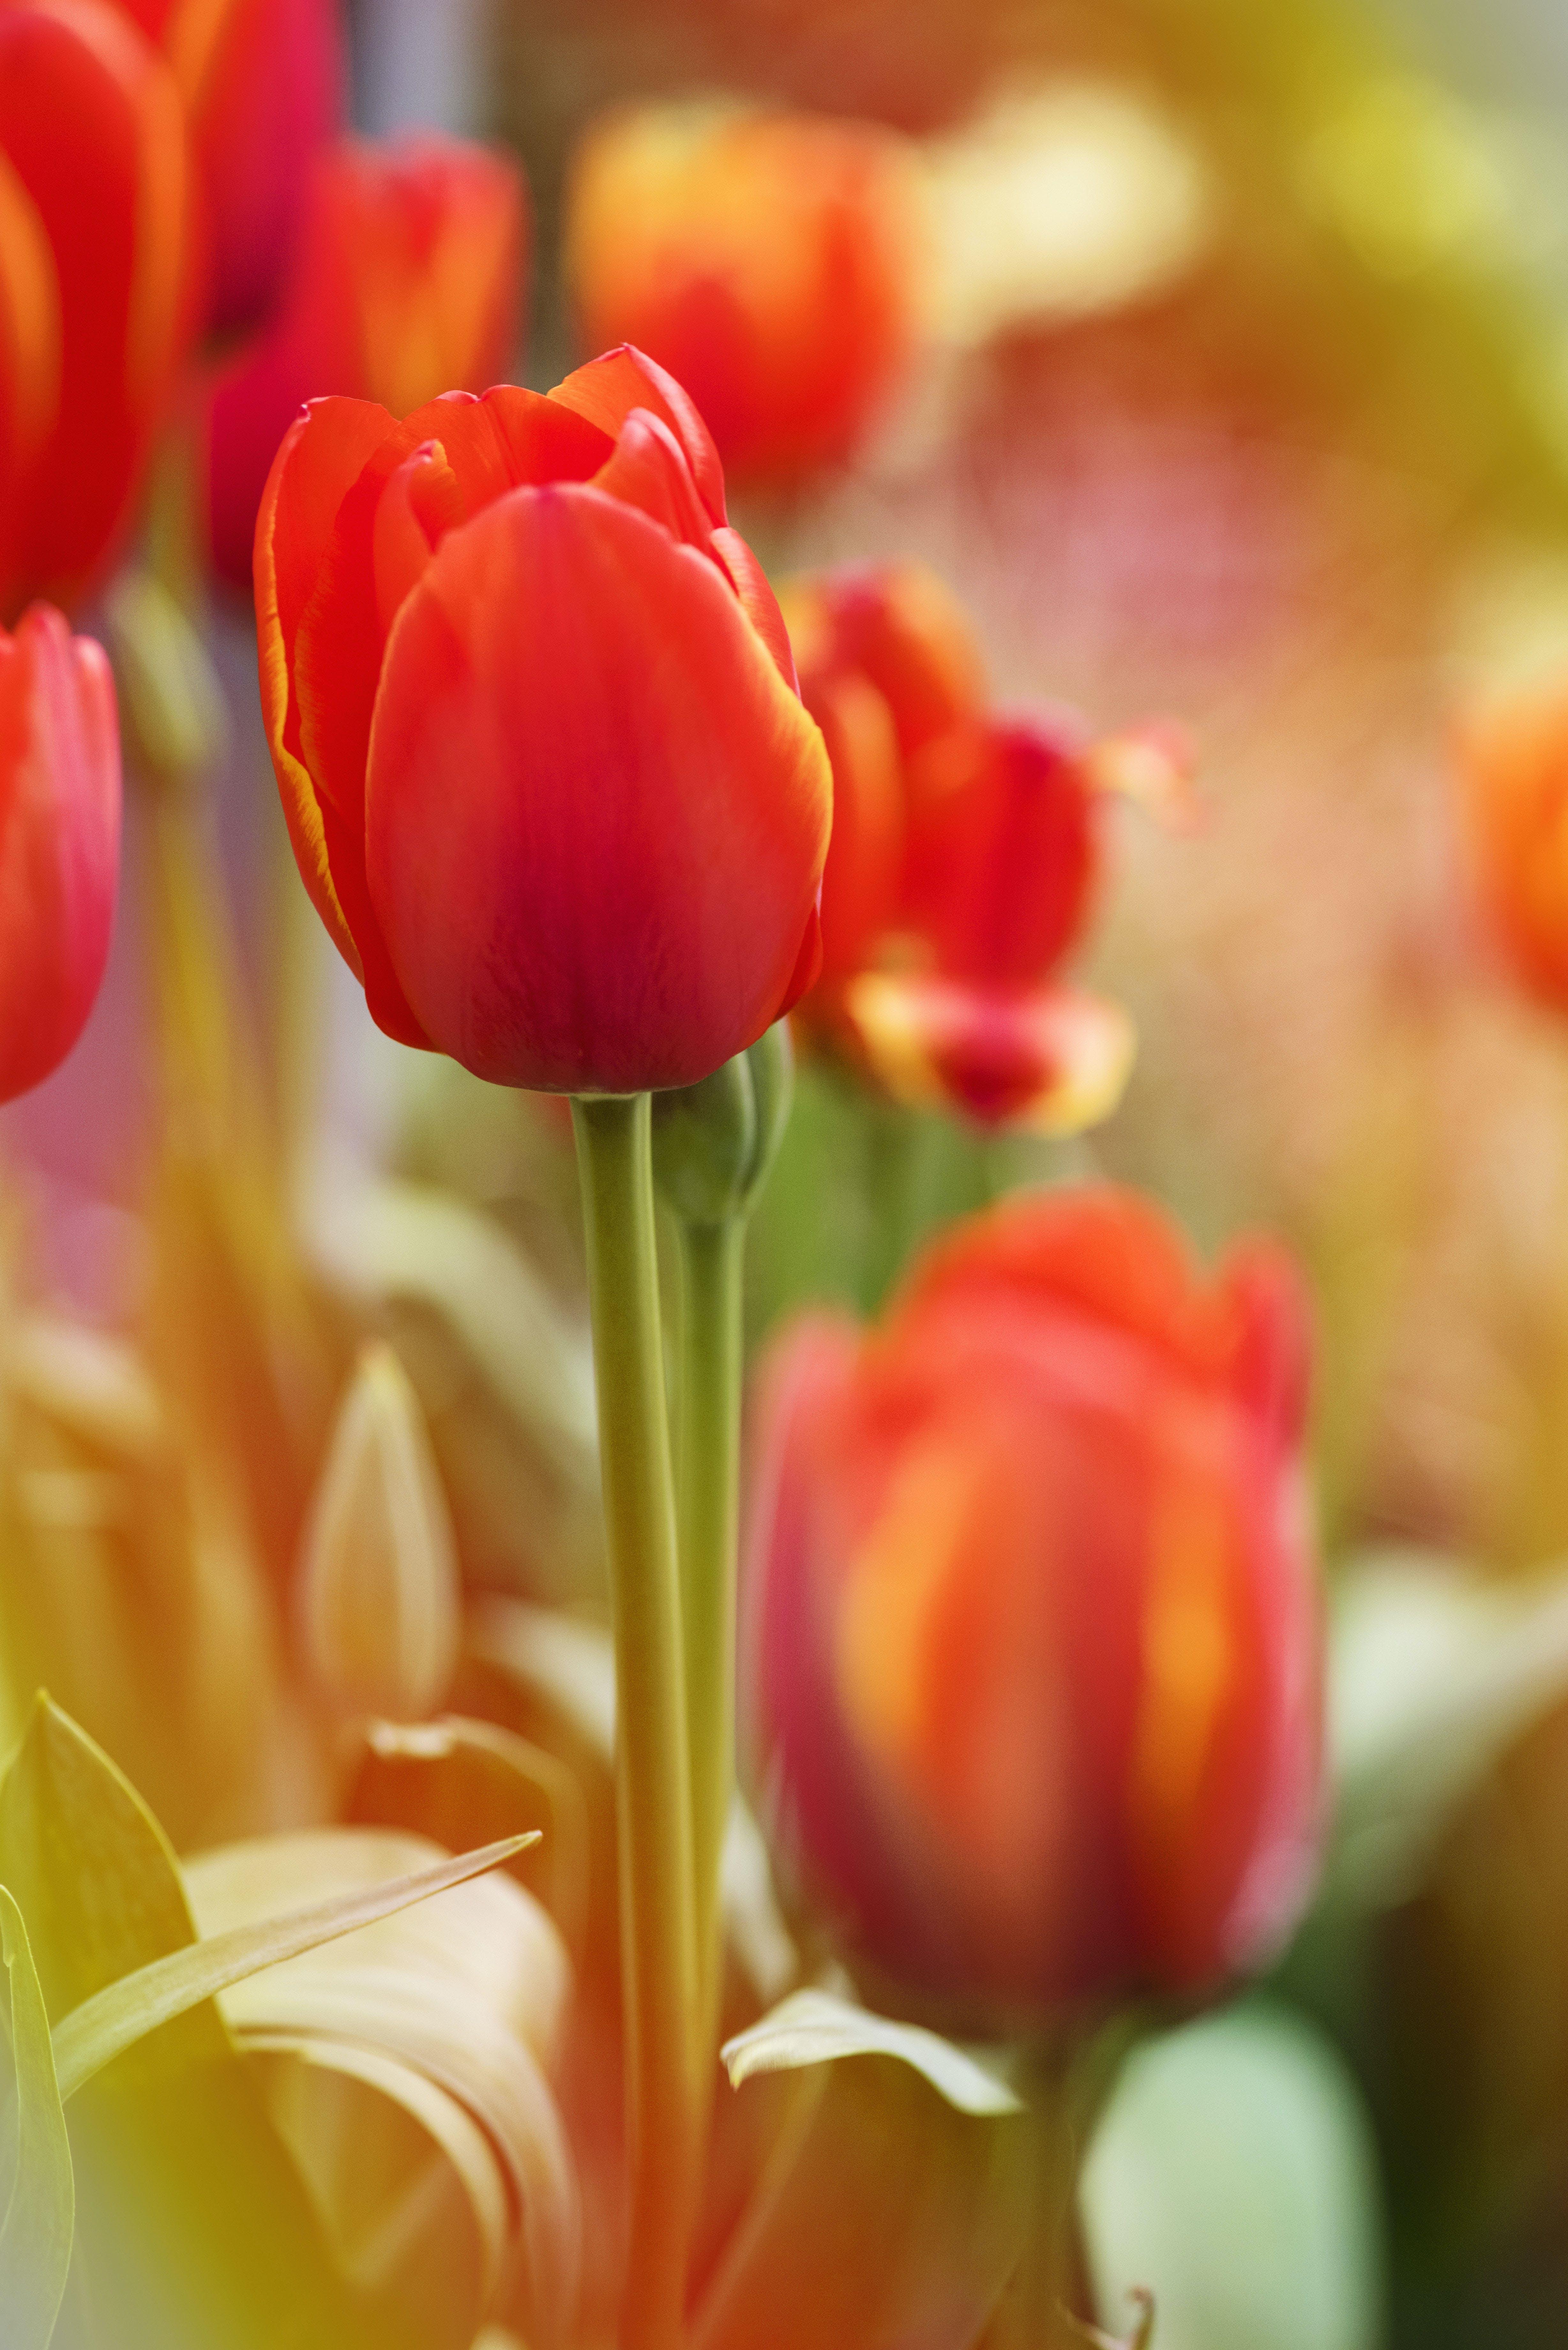 คลังภาพถ่ายฟรี ของ กลีบดอก, การเจริญเติบโต, กำลังบาน, ดอกทิวลิป